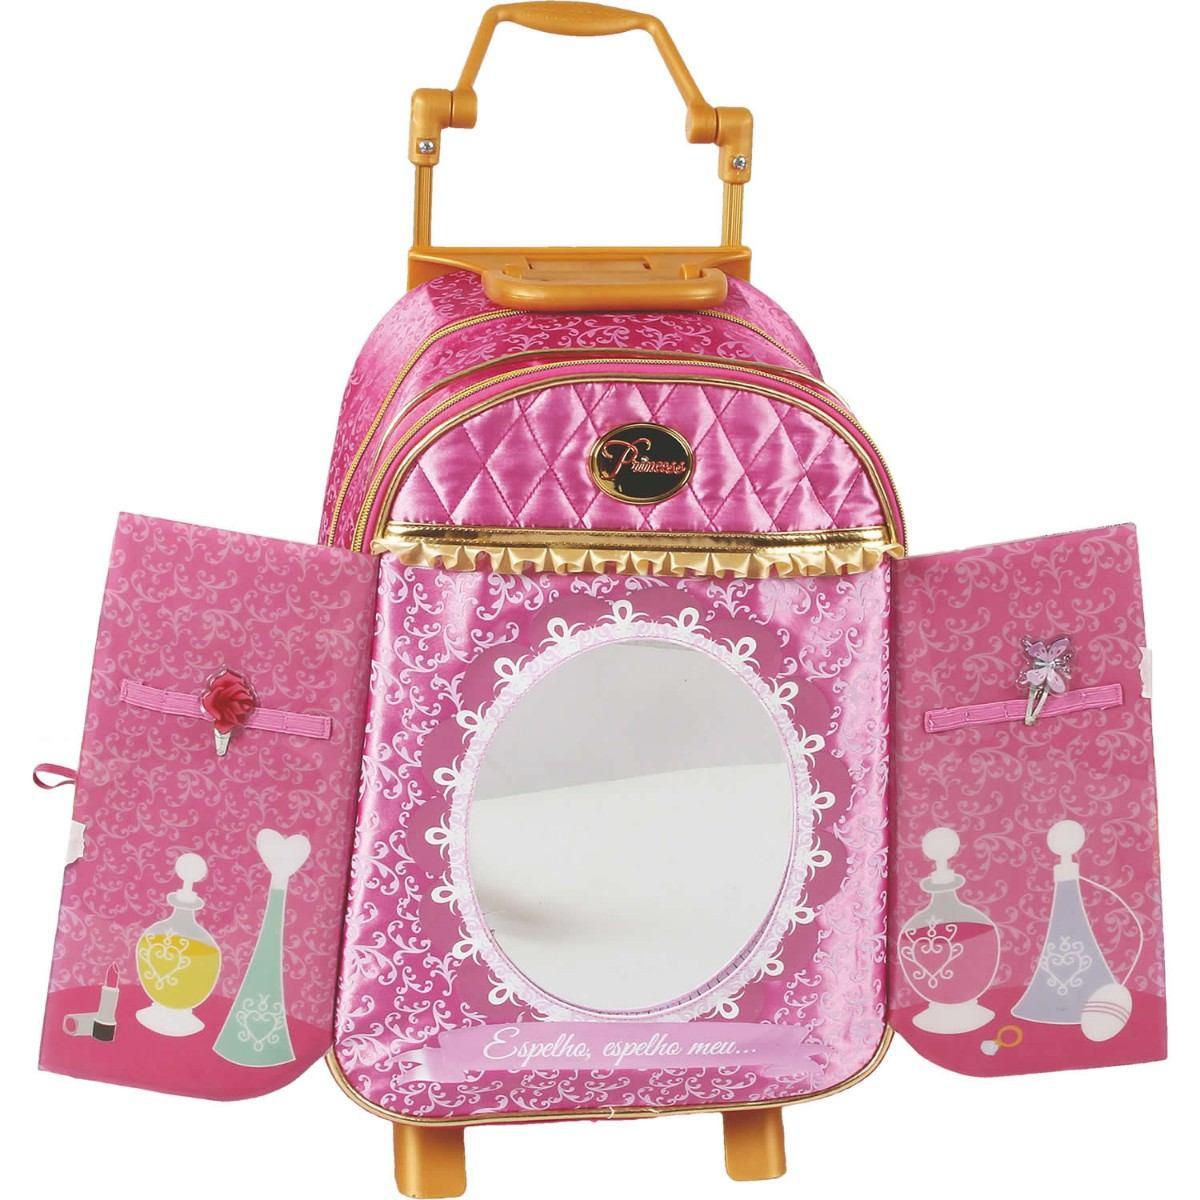 Bolsa De Rodinha Infantil Pequena : Mochila princesas g com espelho e carrinho mil dicas